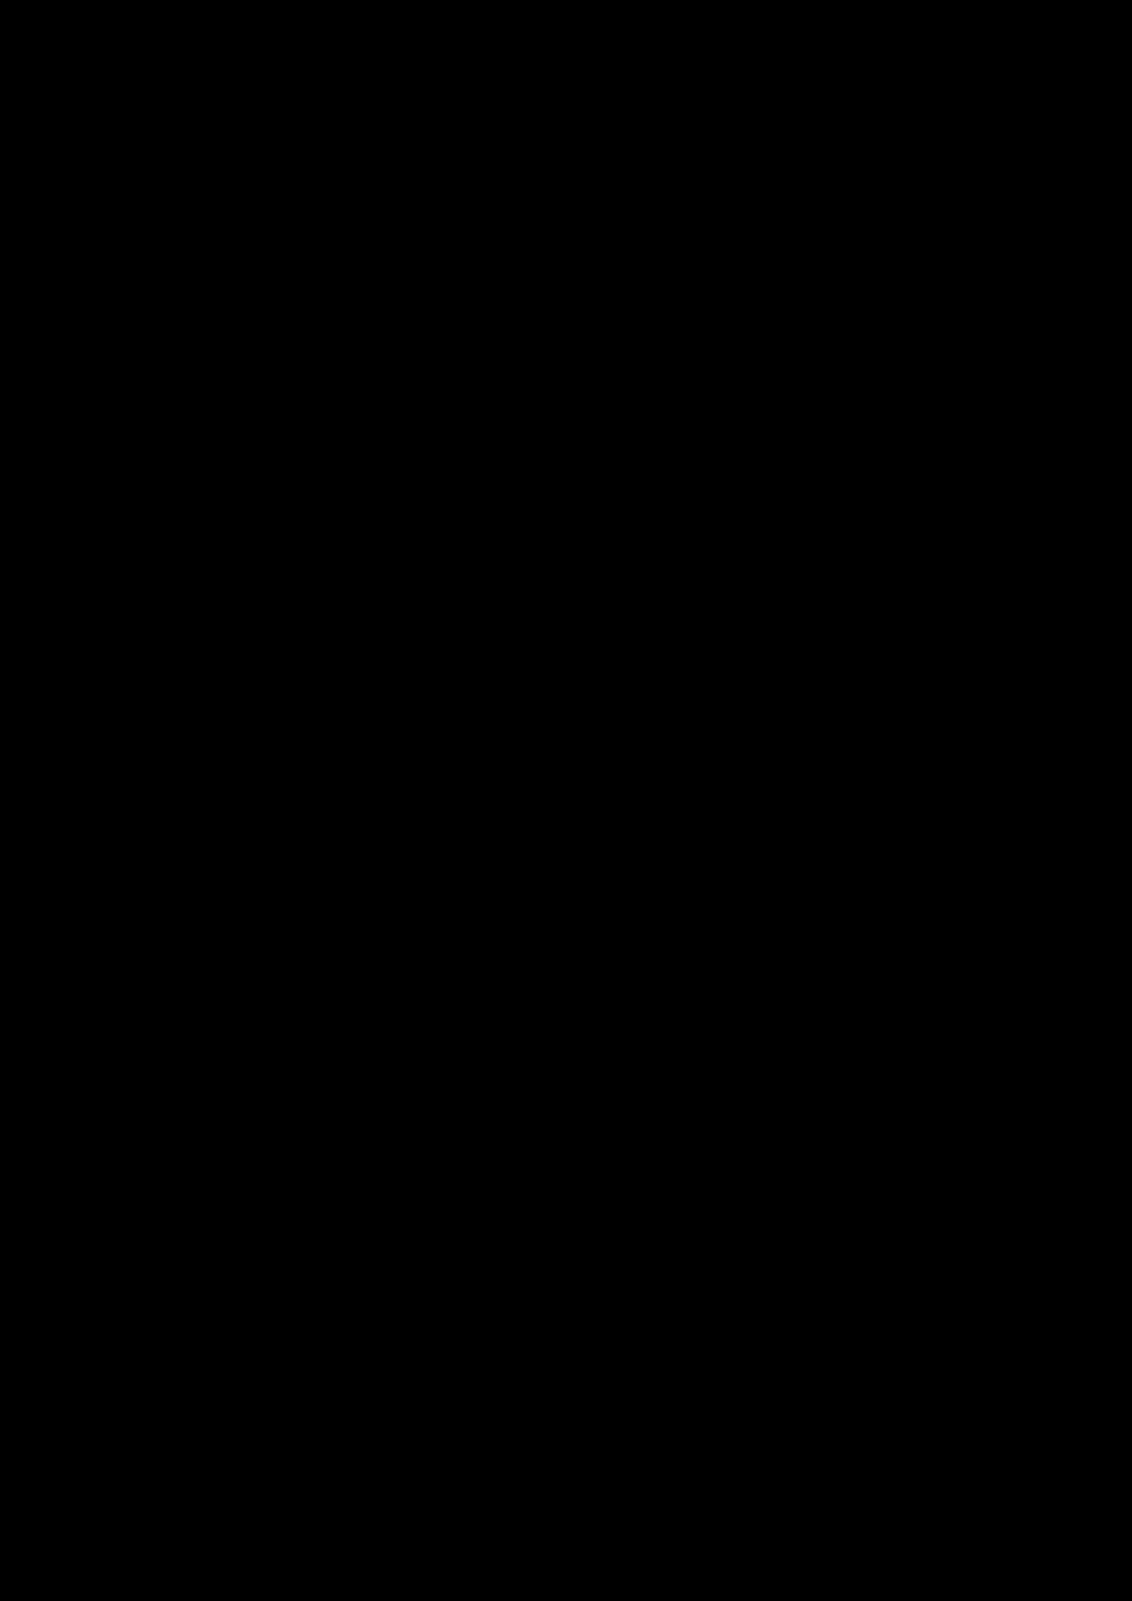 Zagadka volshebnoy stranyi slide, Image 137